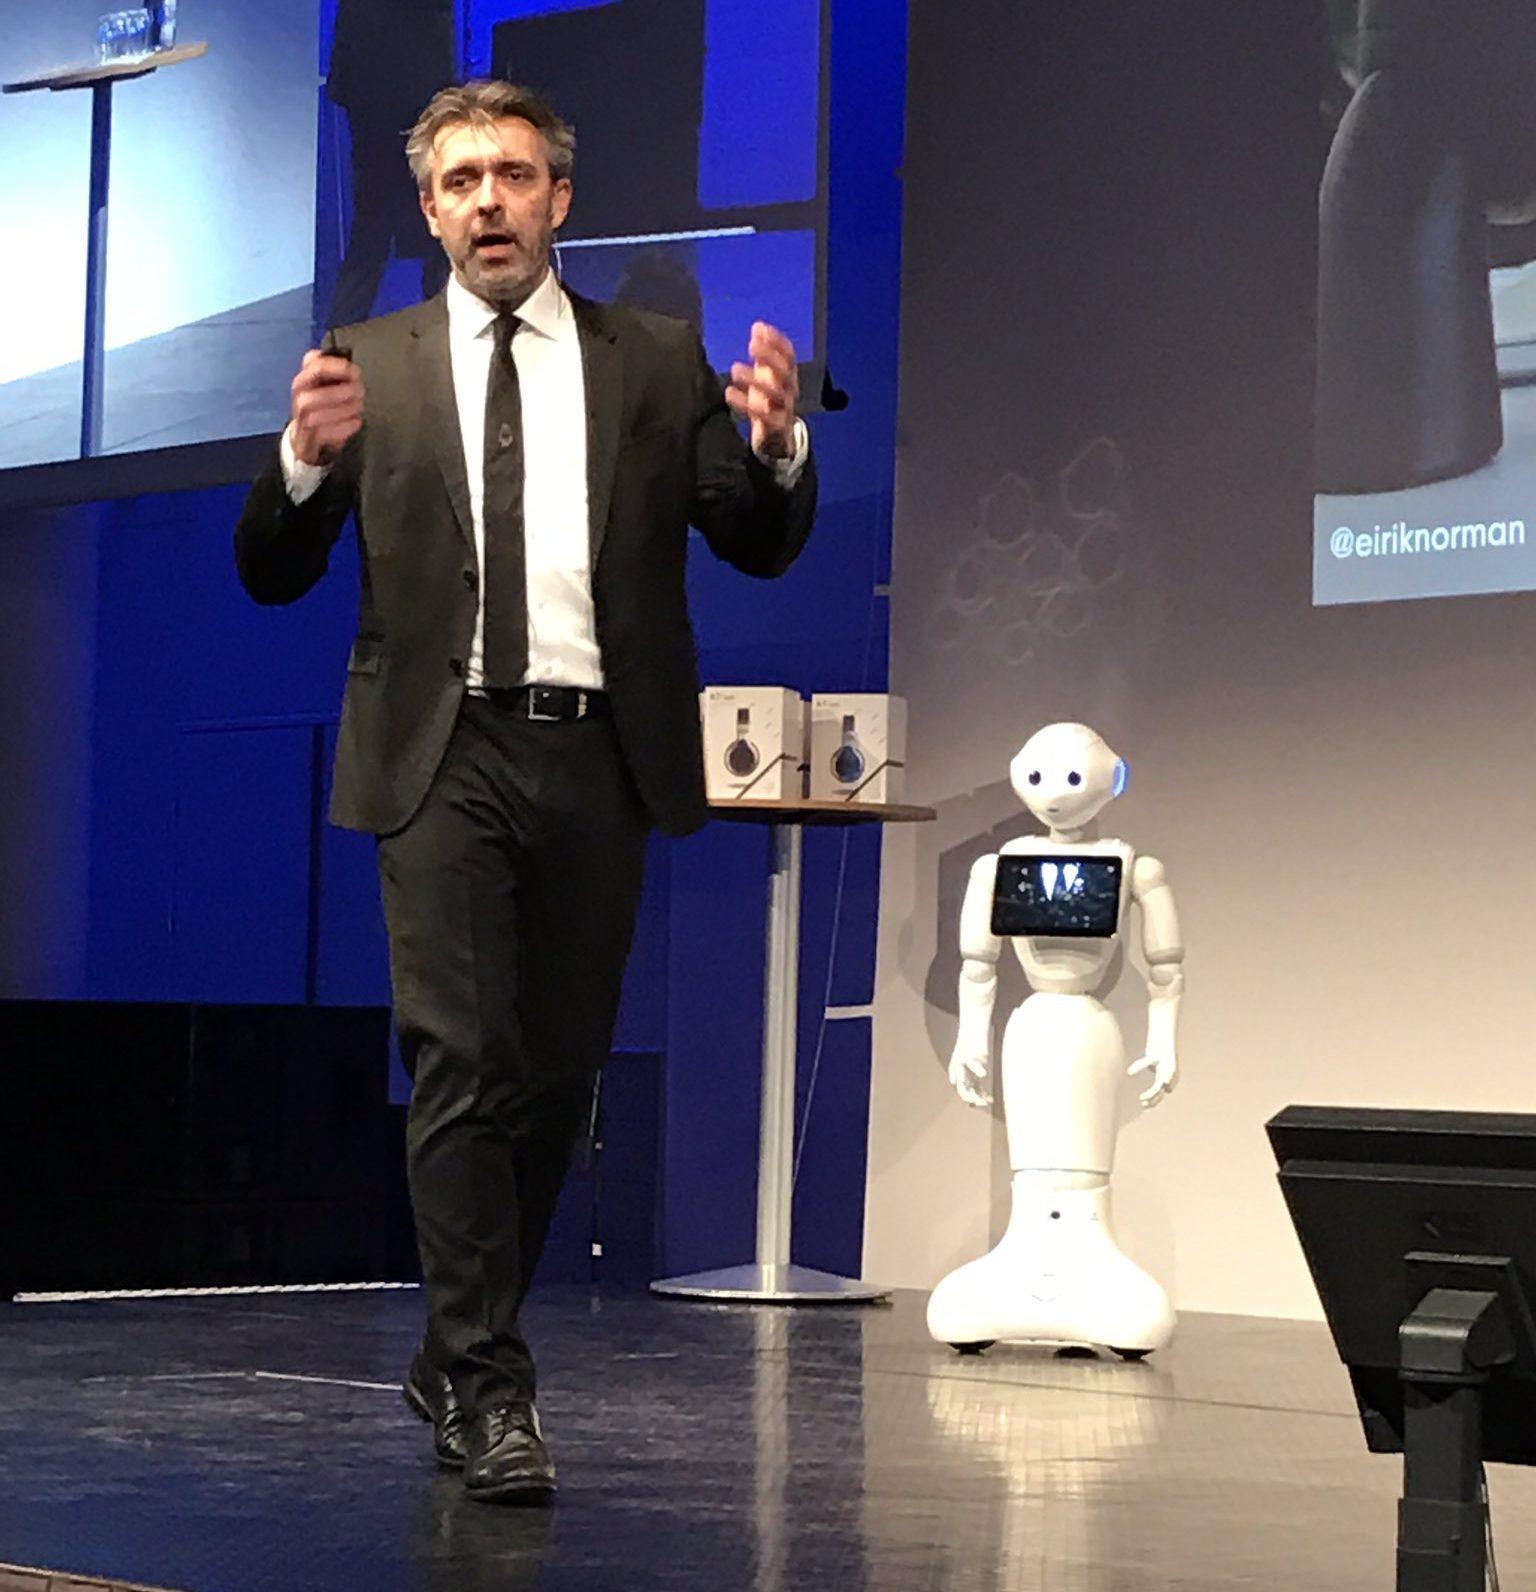 0cefb703 Eirik på scenen på Oslo Business Forum i sort dress, hvit skjorte og sort  slips. Sammen med den ikke fullt så velkledde roboten Pepper.